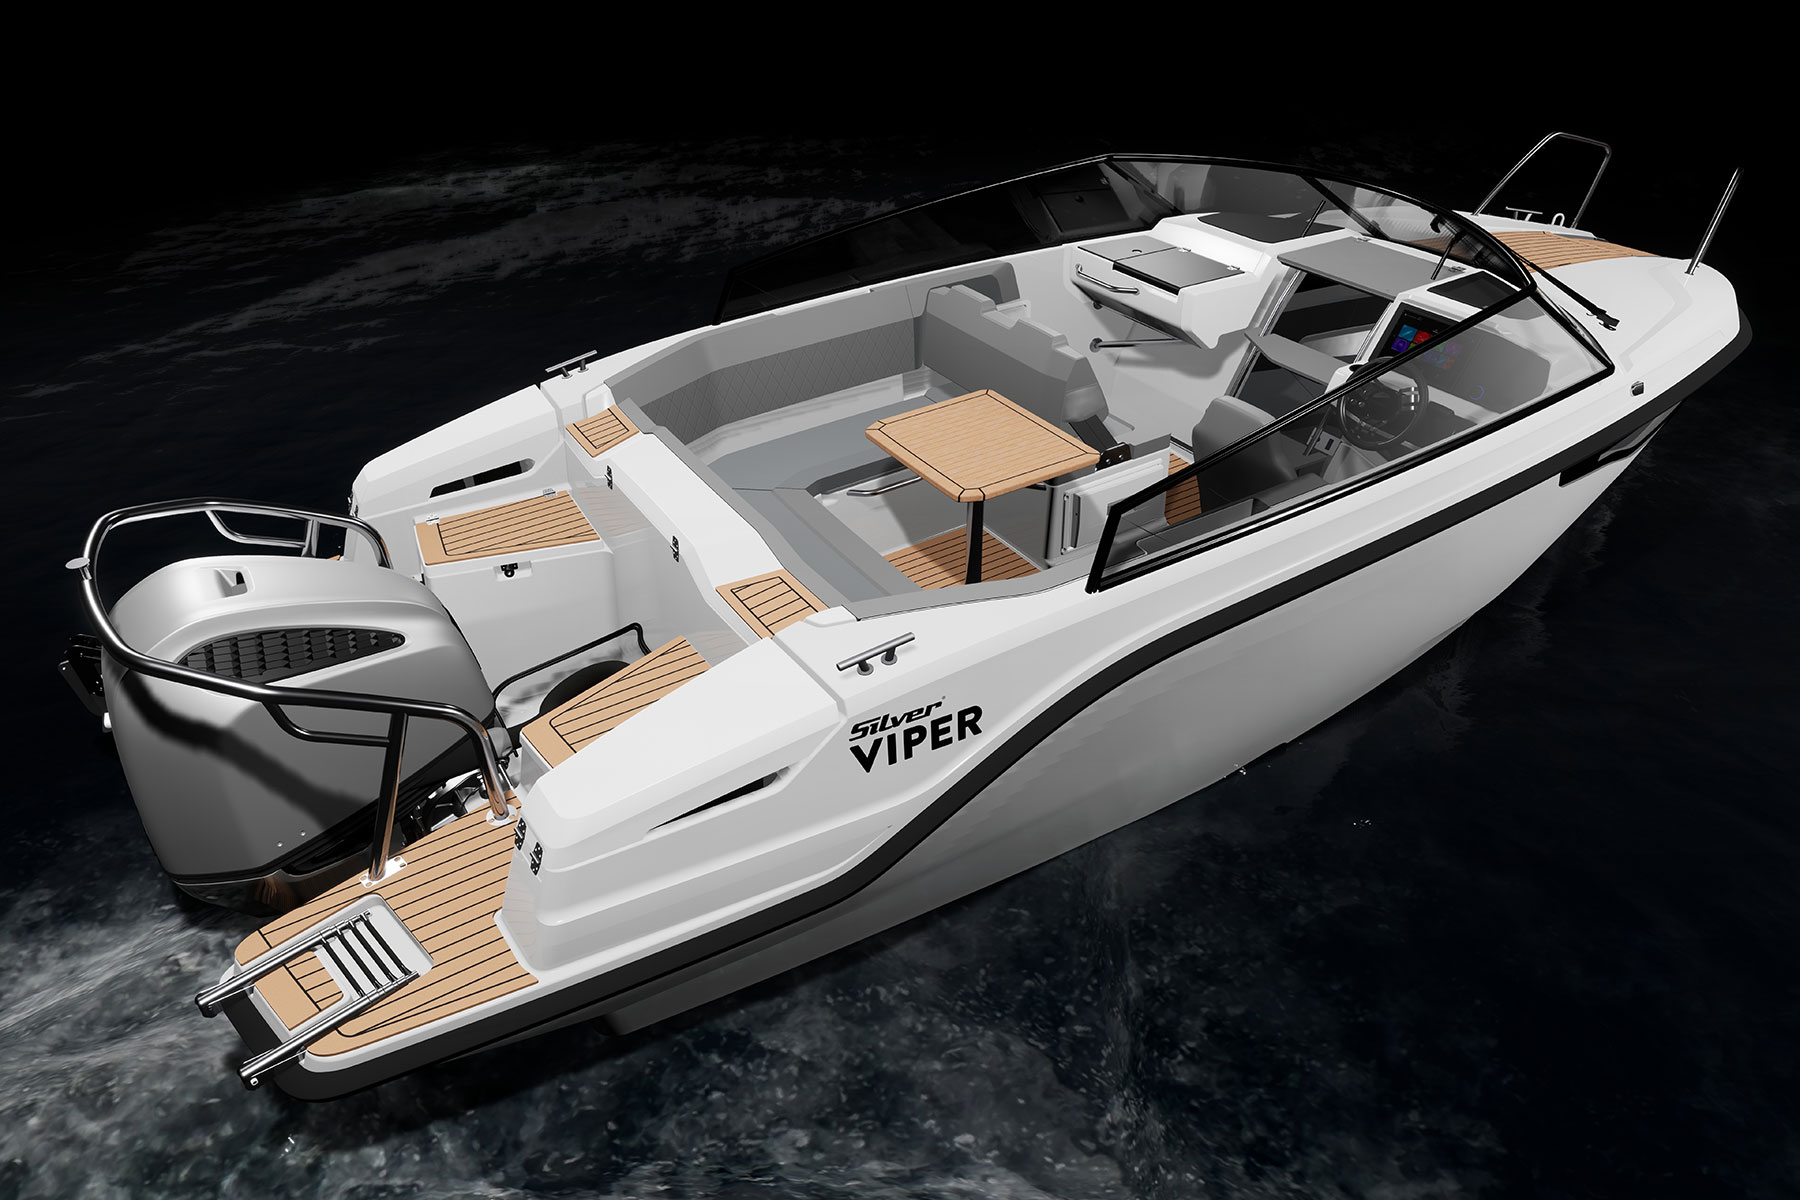 Silver Viper DCz